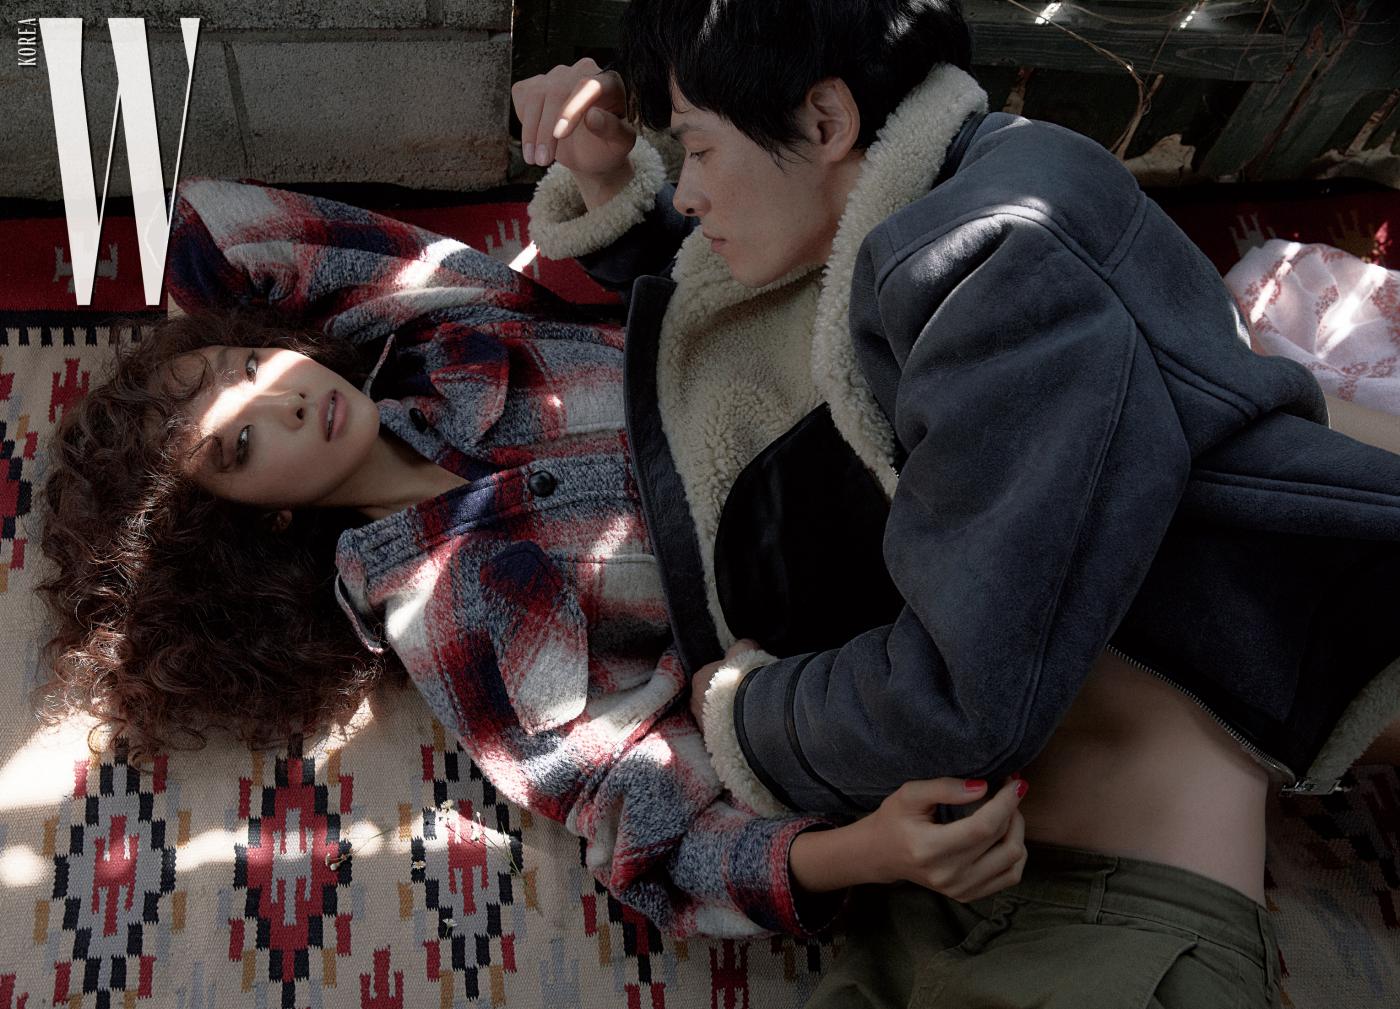 곽지영이 입은 도톰한 체크무늬 아우터는 Isabel Marant Etoile 제품. 김원중이 입은 시어링 무톤과 카키색 팬츠는 Isabel Marant Homme 제품.